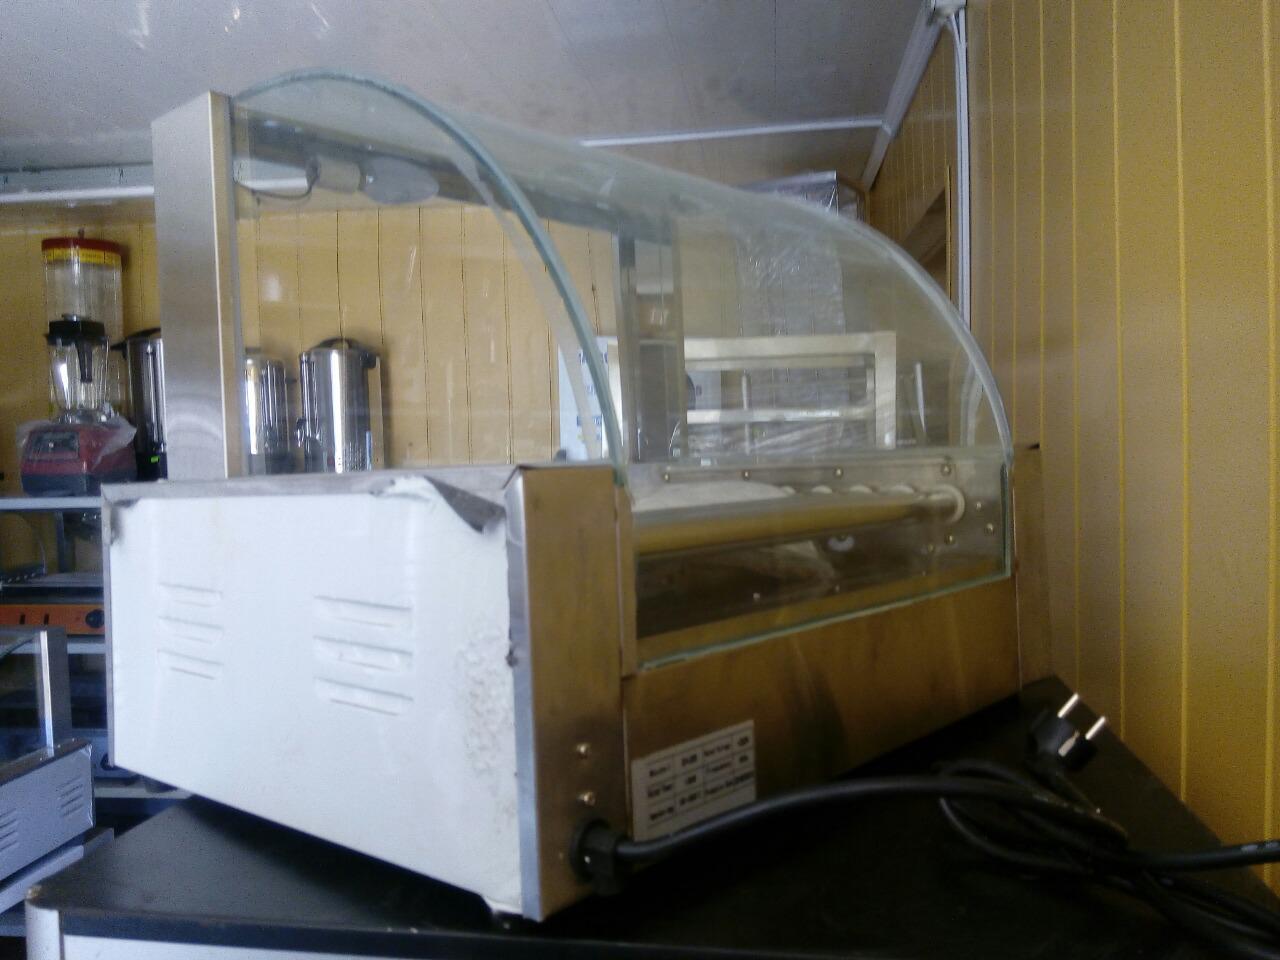 Гриль роликовый с защитным стеклом VEKTOR EH-209 новый (9 роликов)